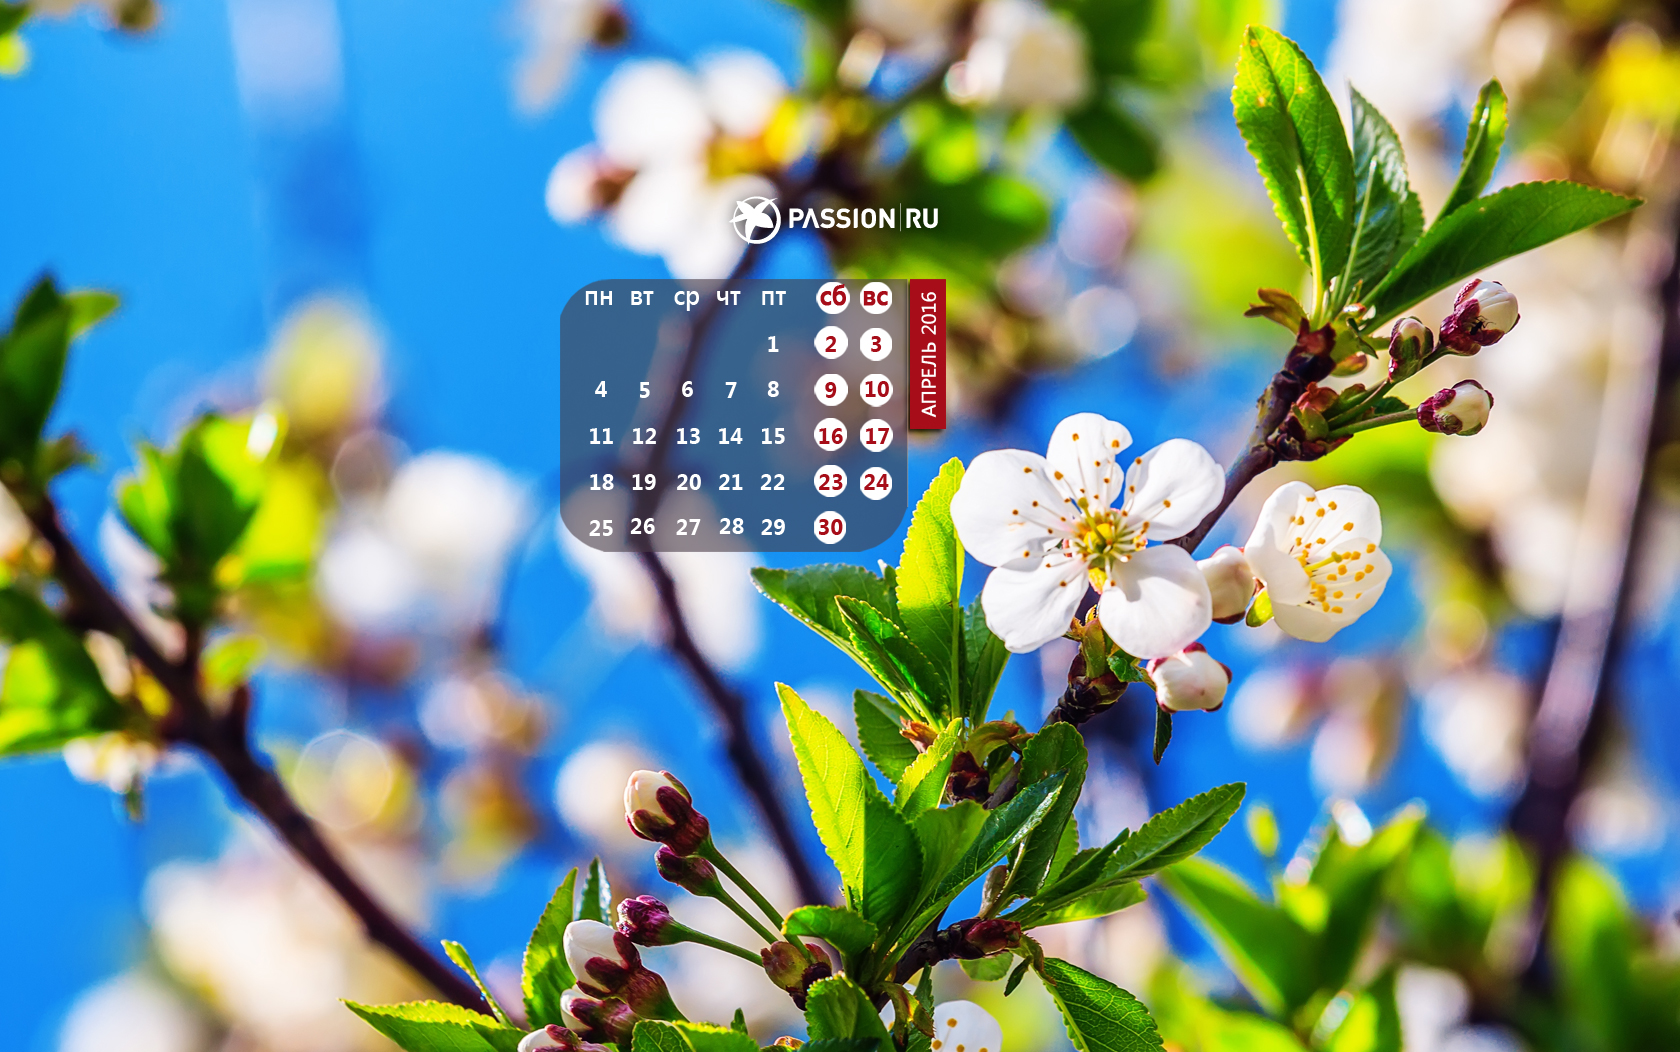 пассион ру обои на рабочий стол с календарем август 2017 № 16851 загрузить